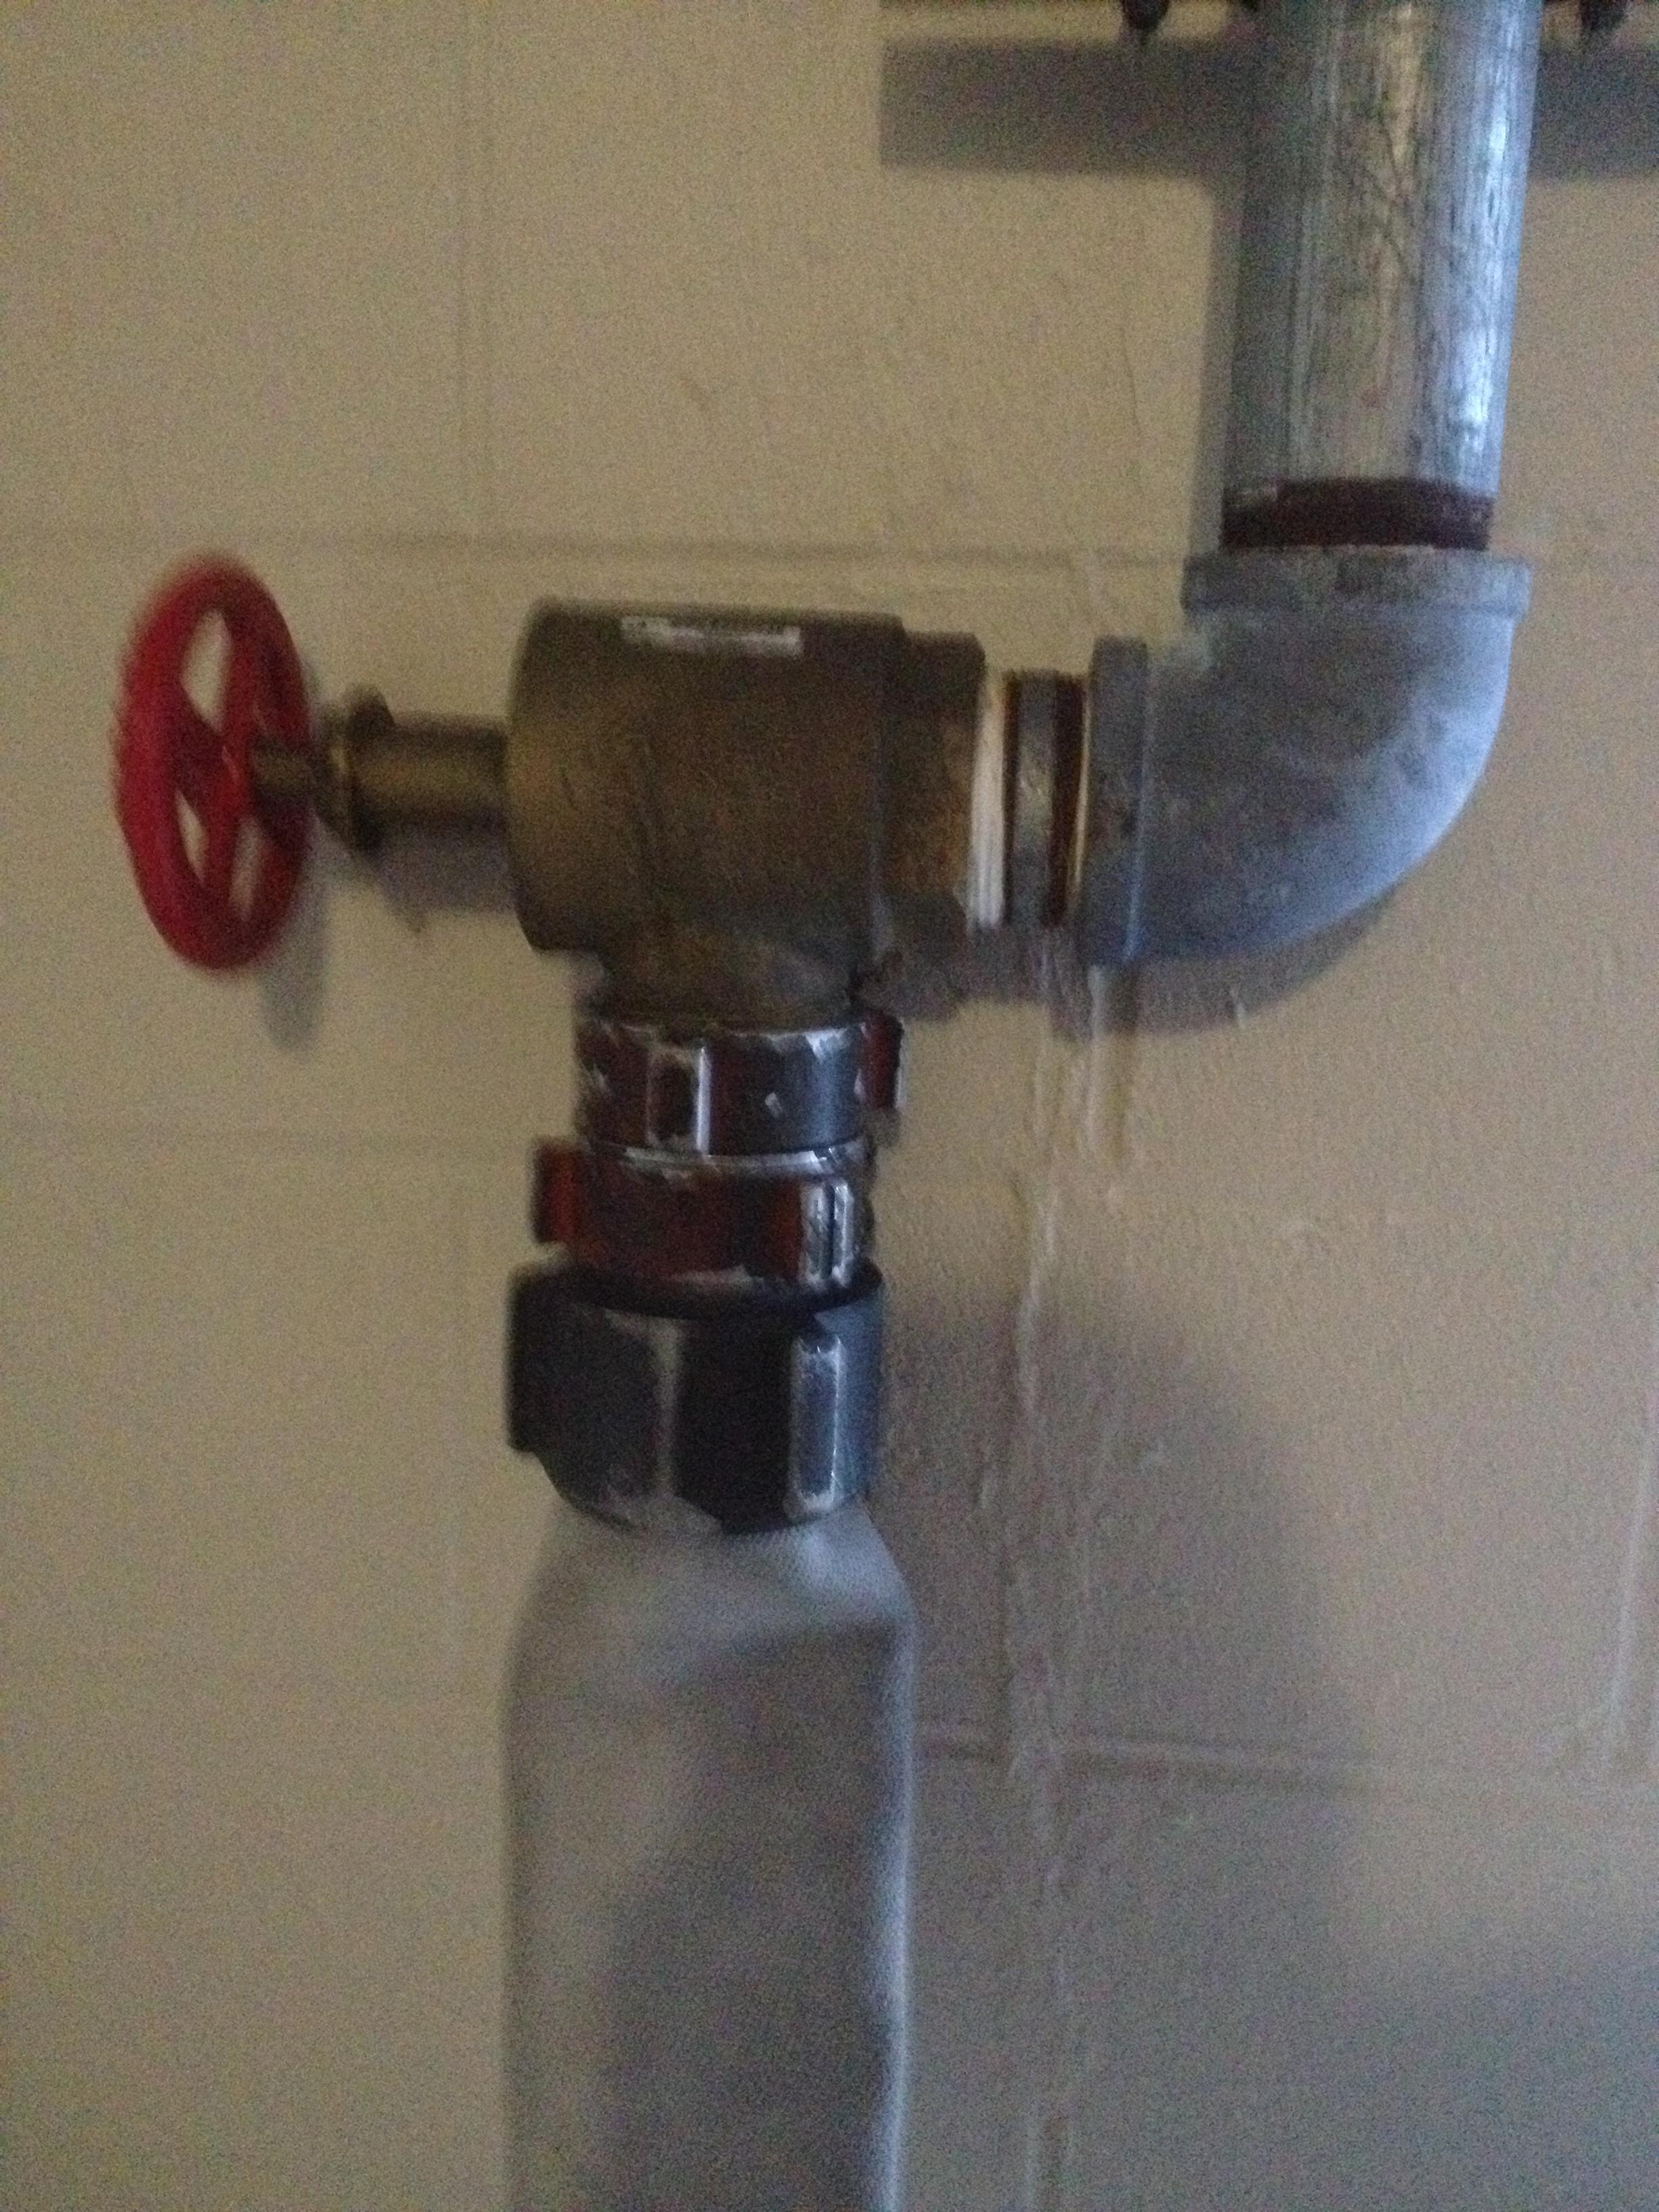 A proper hose down - 1 8